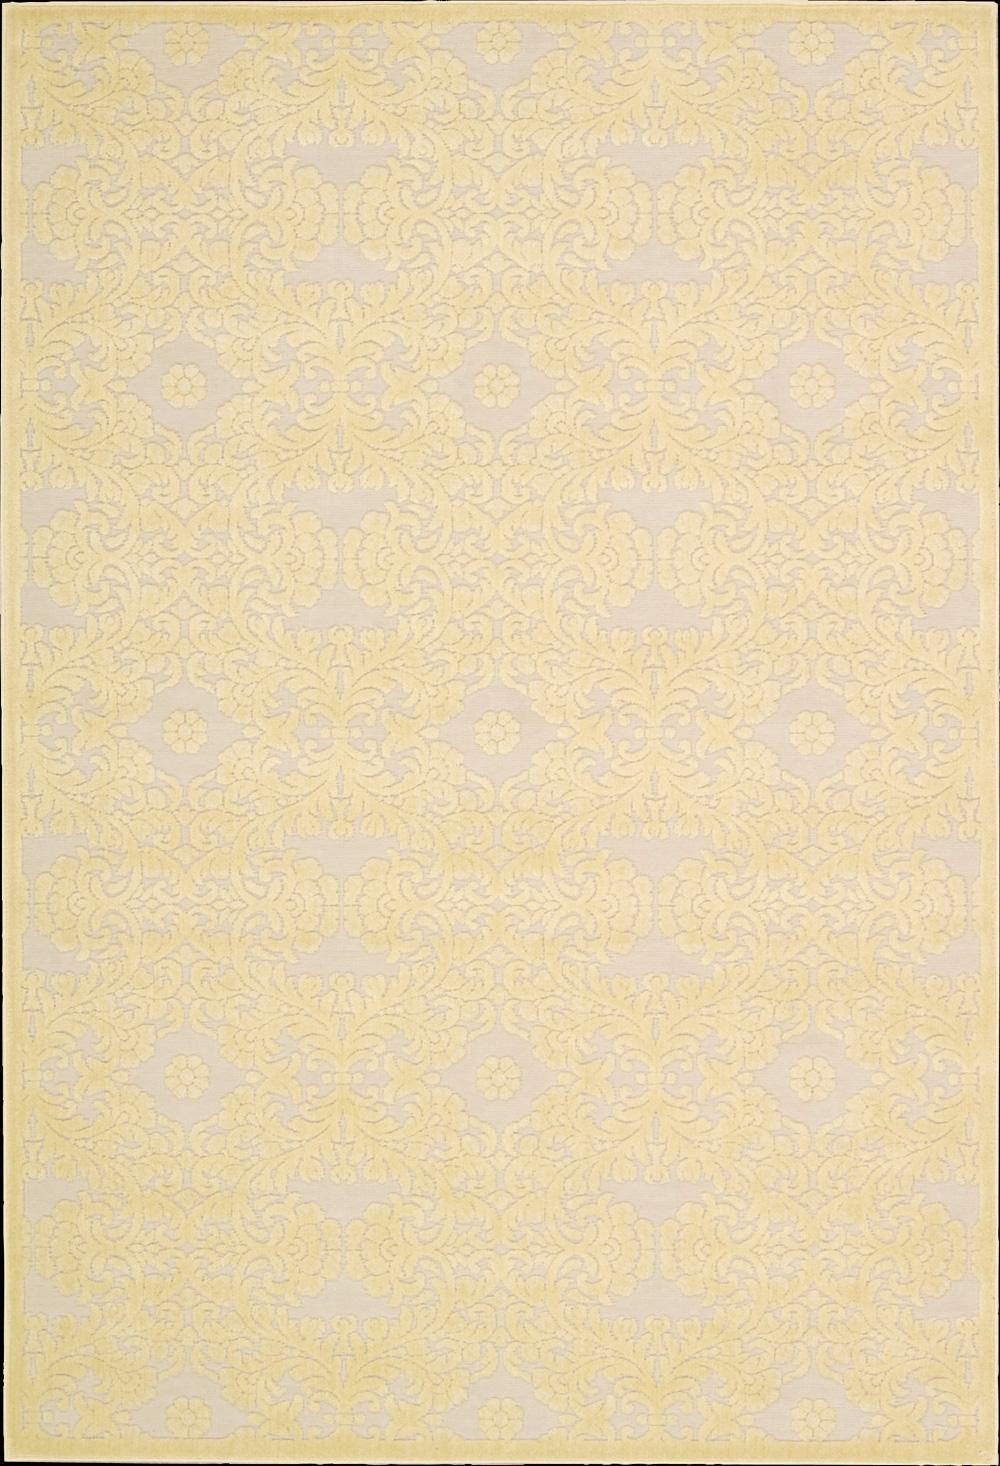 """Nourison Graphic Illusions Area Rug 5'3"""" x 7'5"""" - Item Number: 13073"""